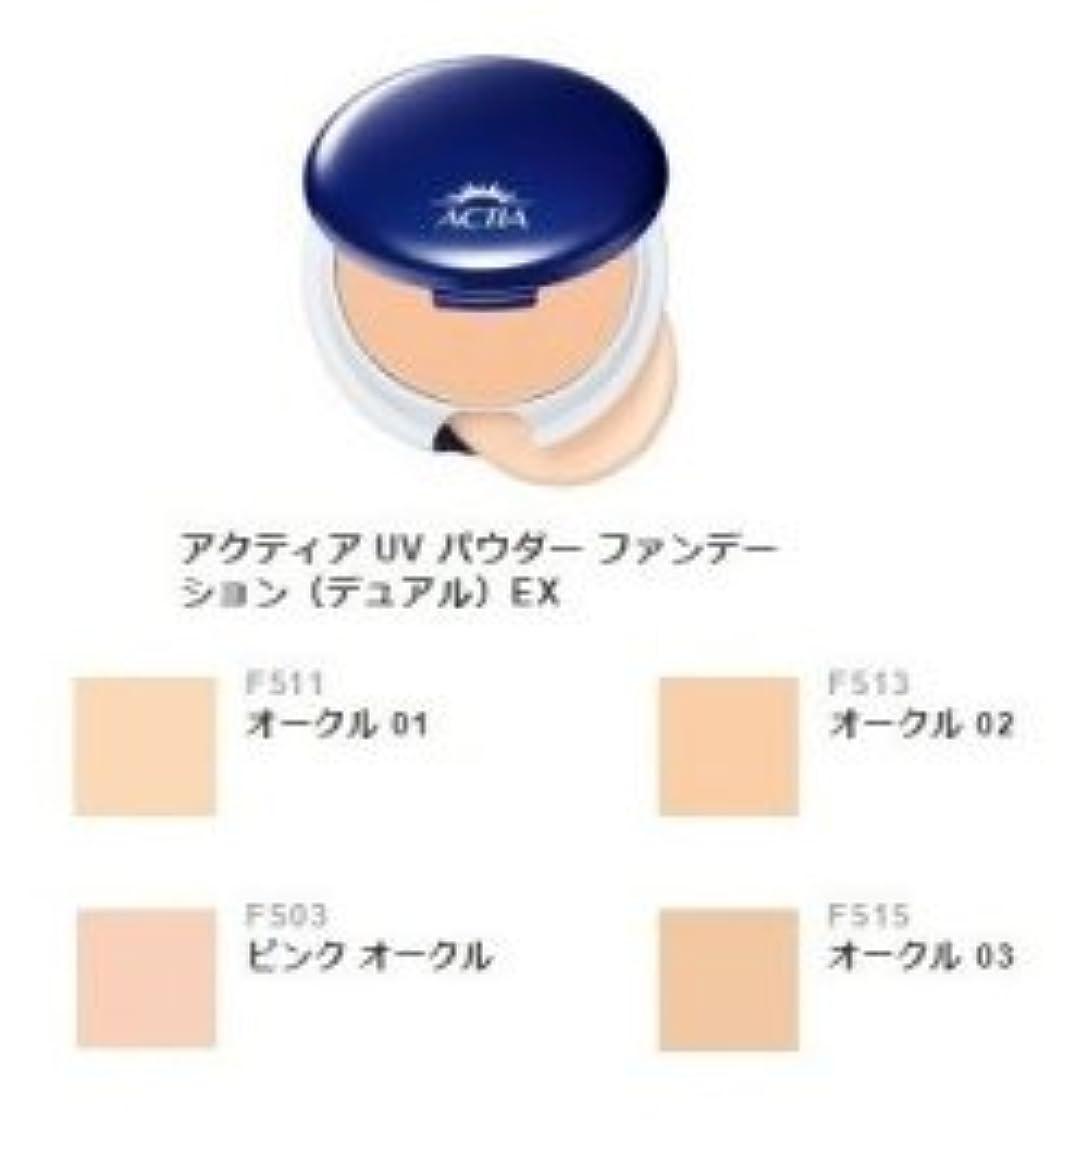 酒エラー赤ちゃんエイボン(AVON) アクティア UV パウダーファンデーション(デュアル)EX(リフィル)F515 オークル03